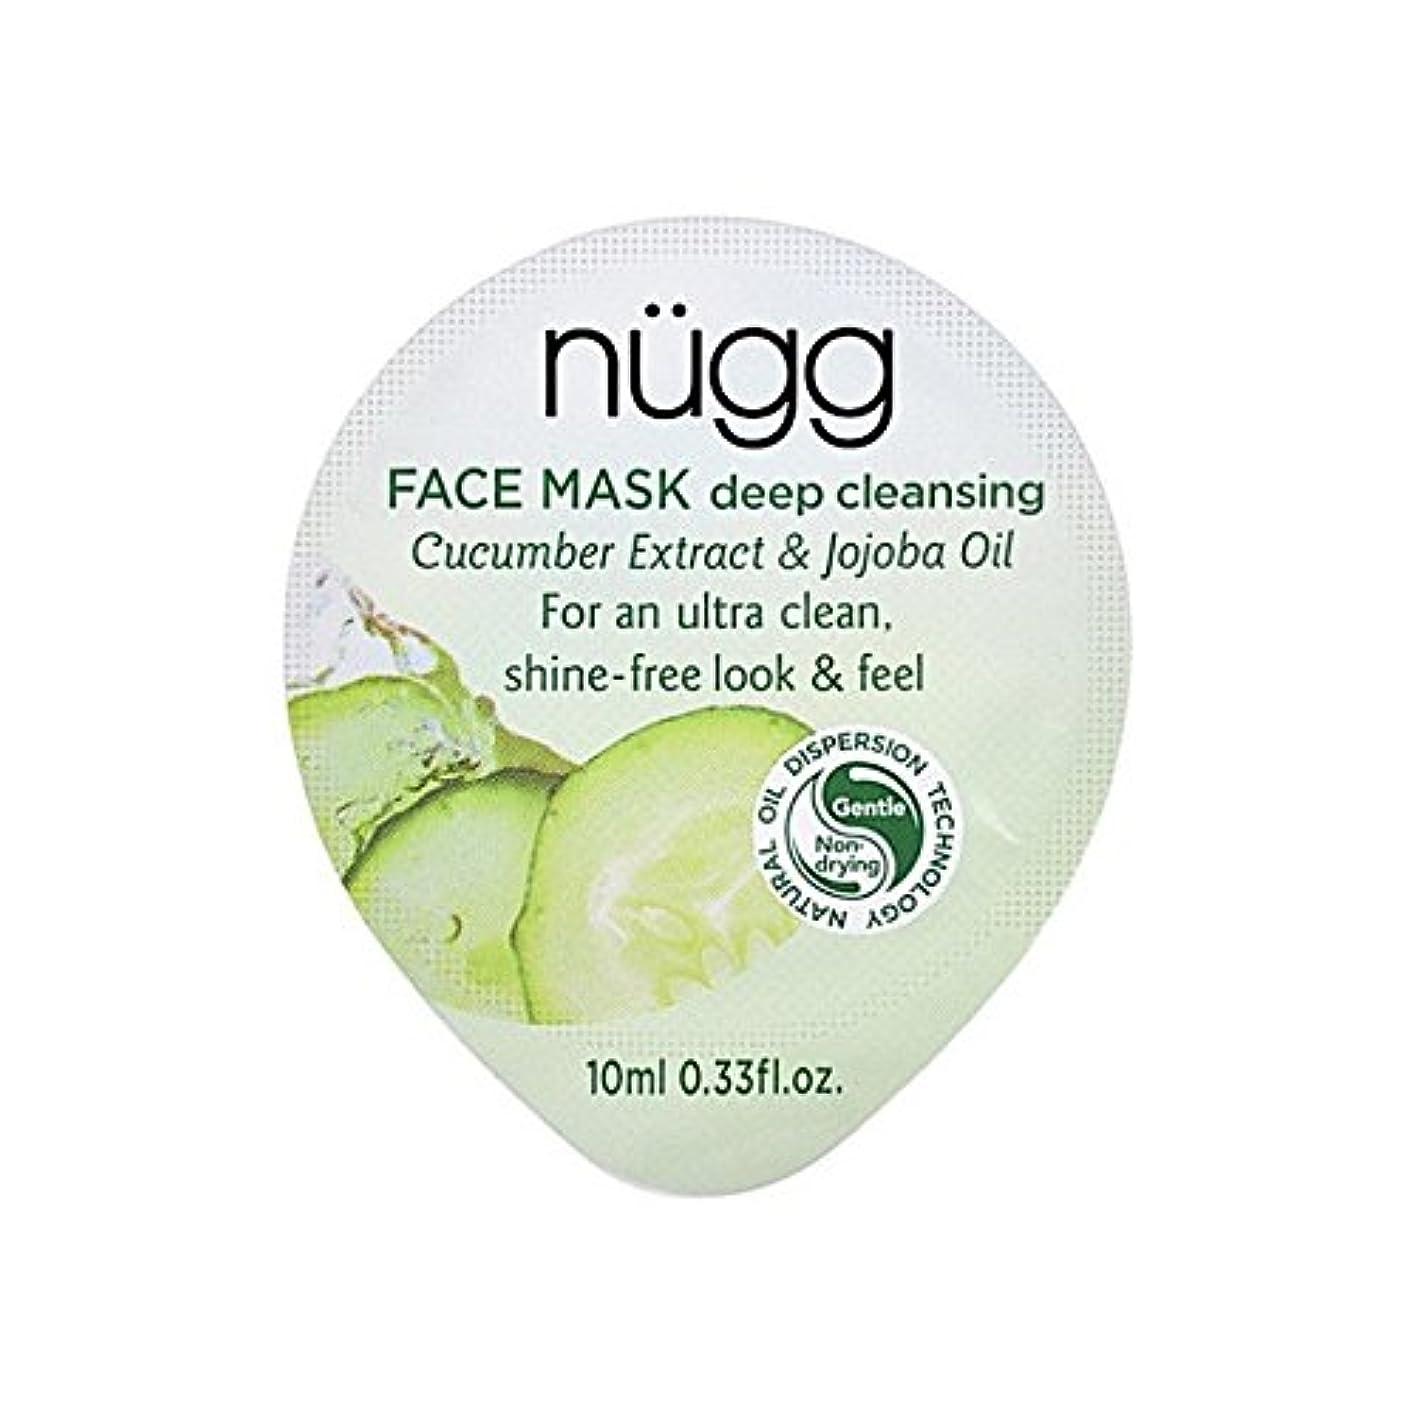 反抗タッチ液化するNugg Deep Cleansing Face Mask - ディープクレンジングフェイスマスク [並行輸入品]